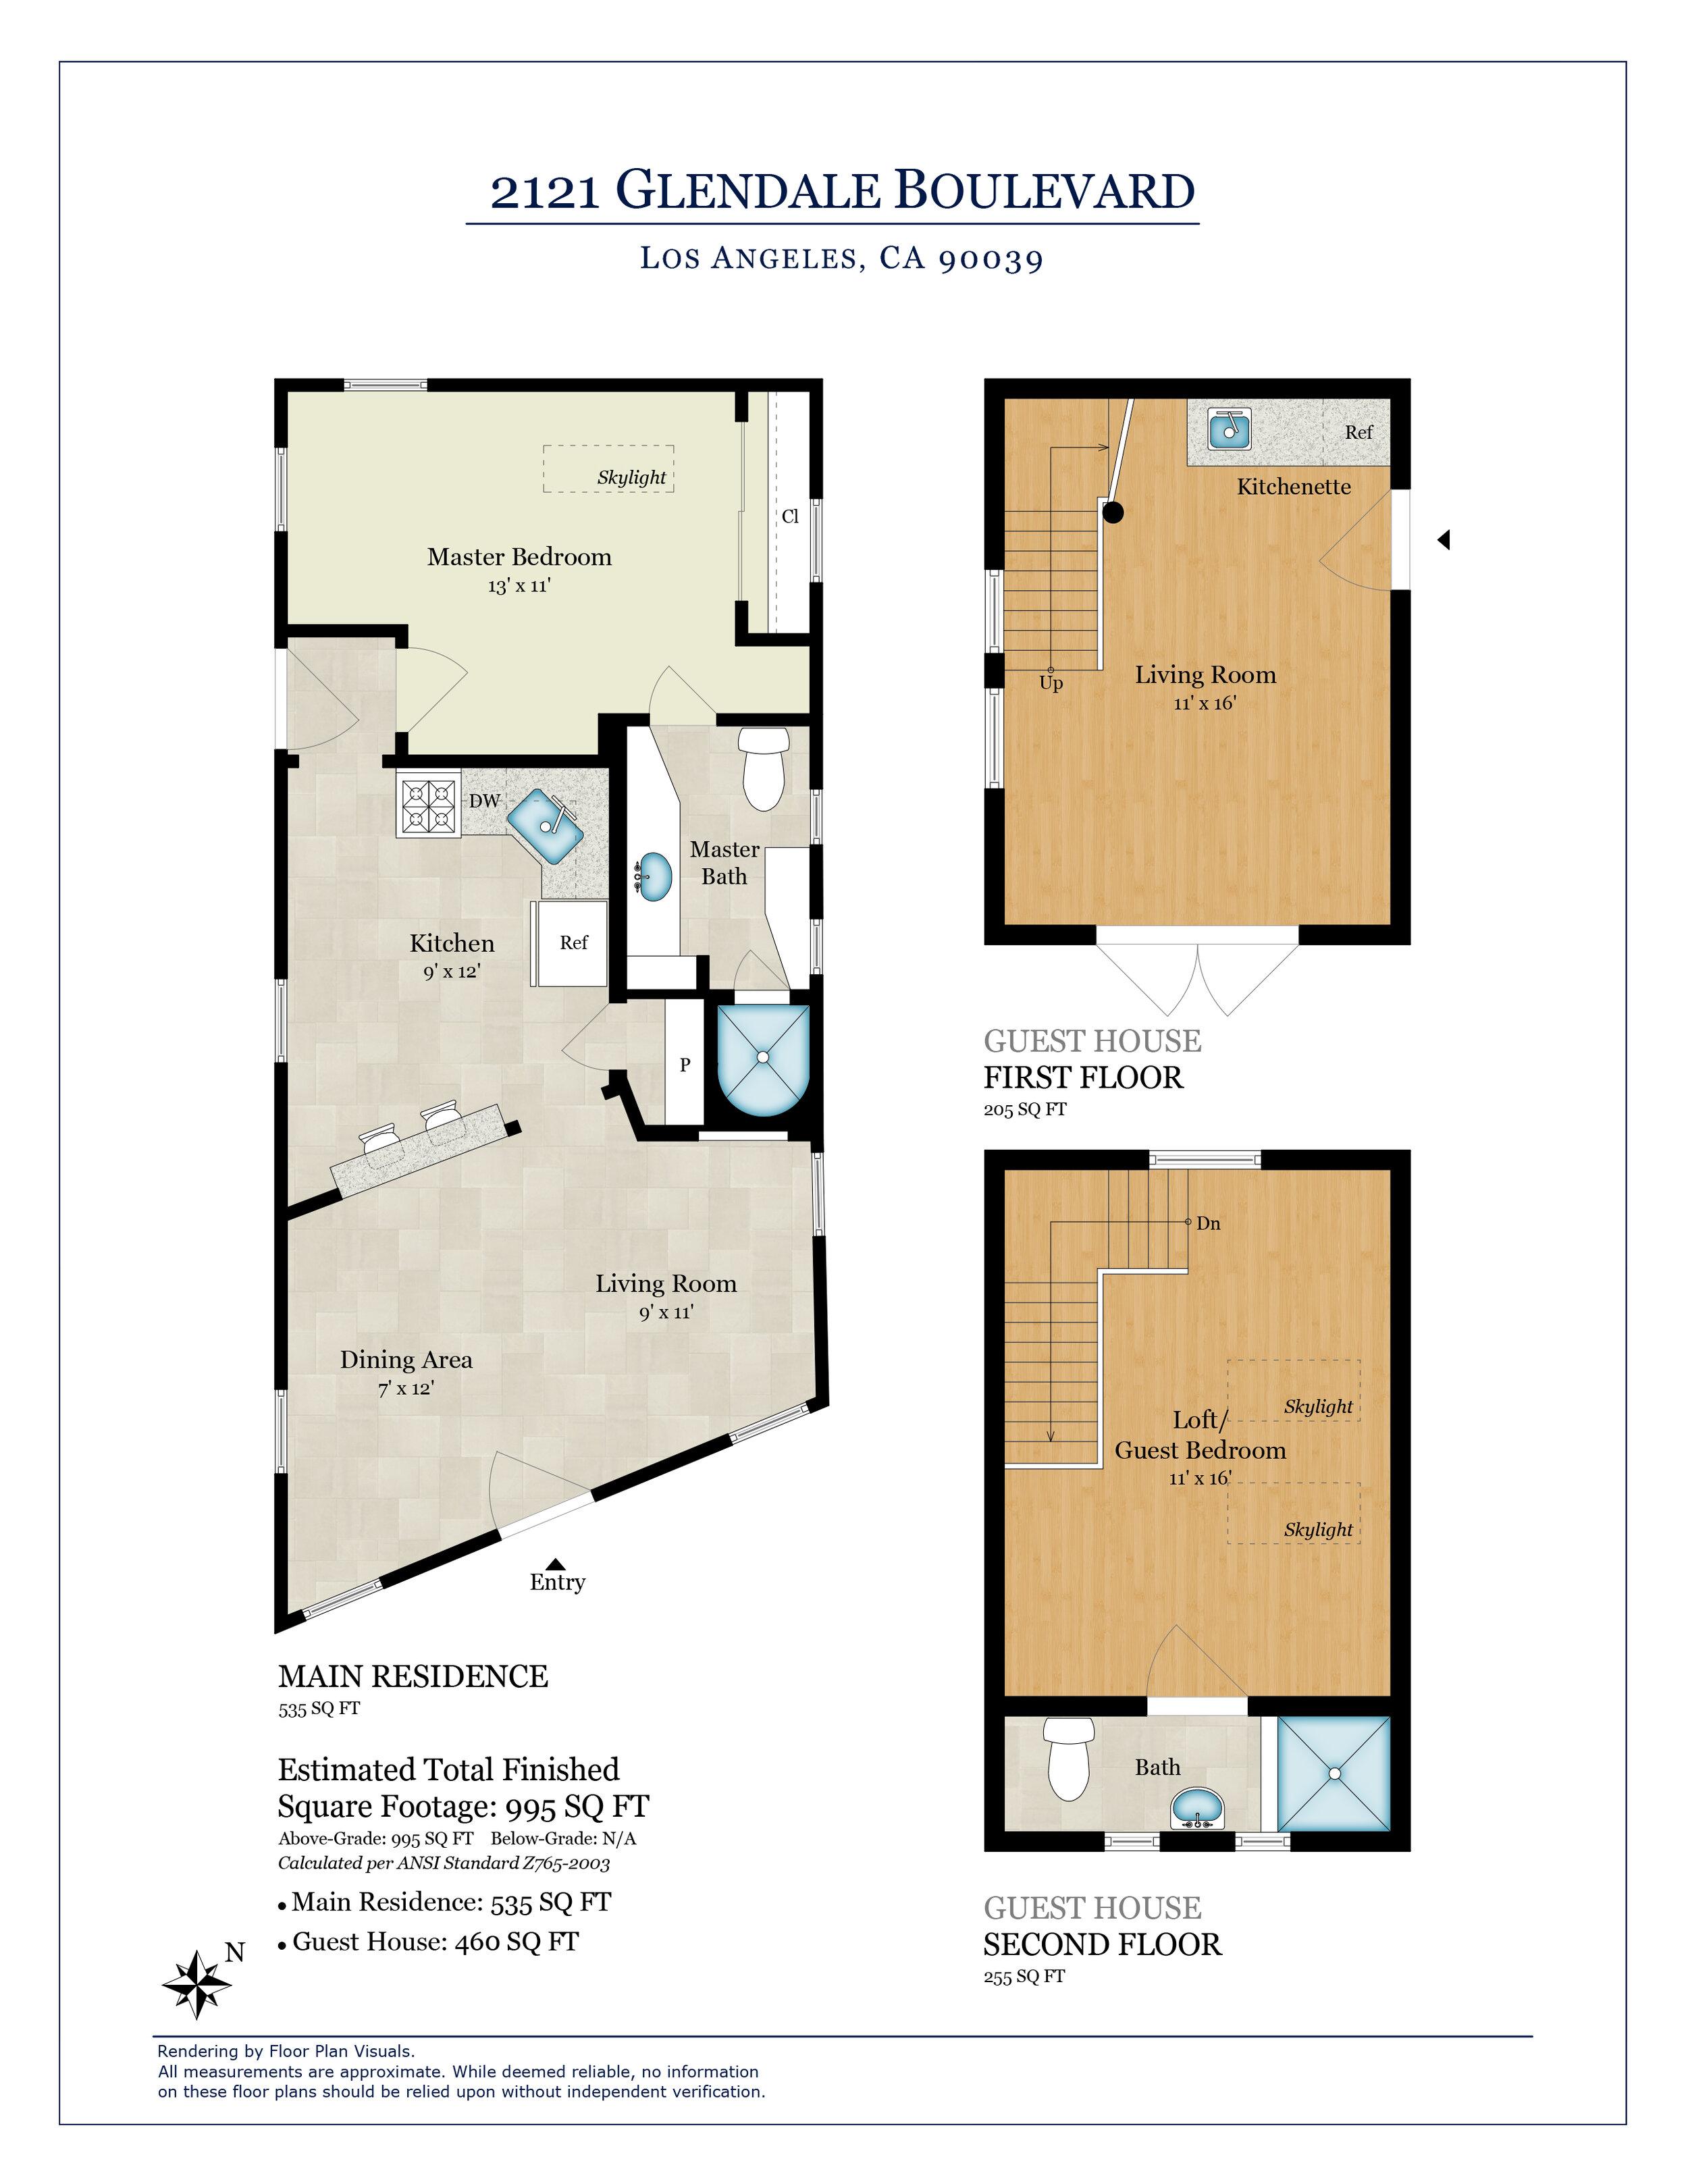 2121 Glendale Blvd Floor Plan.jpg